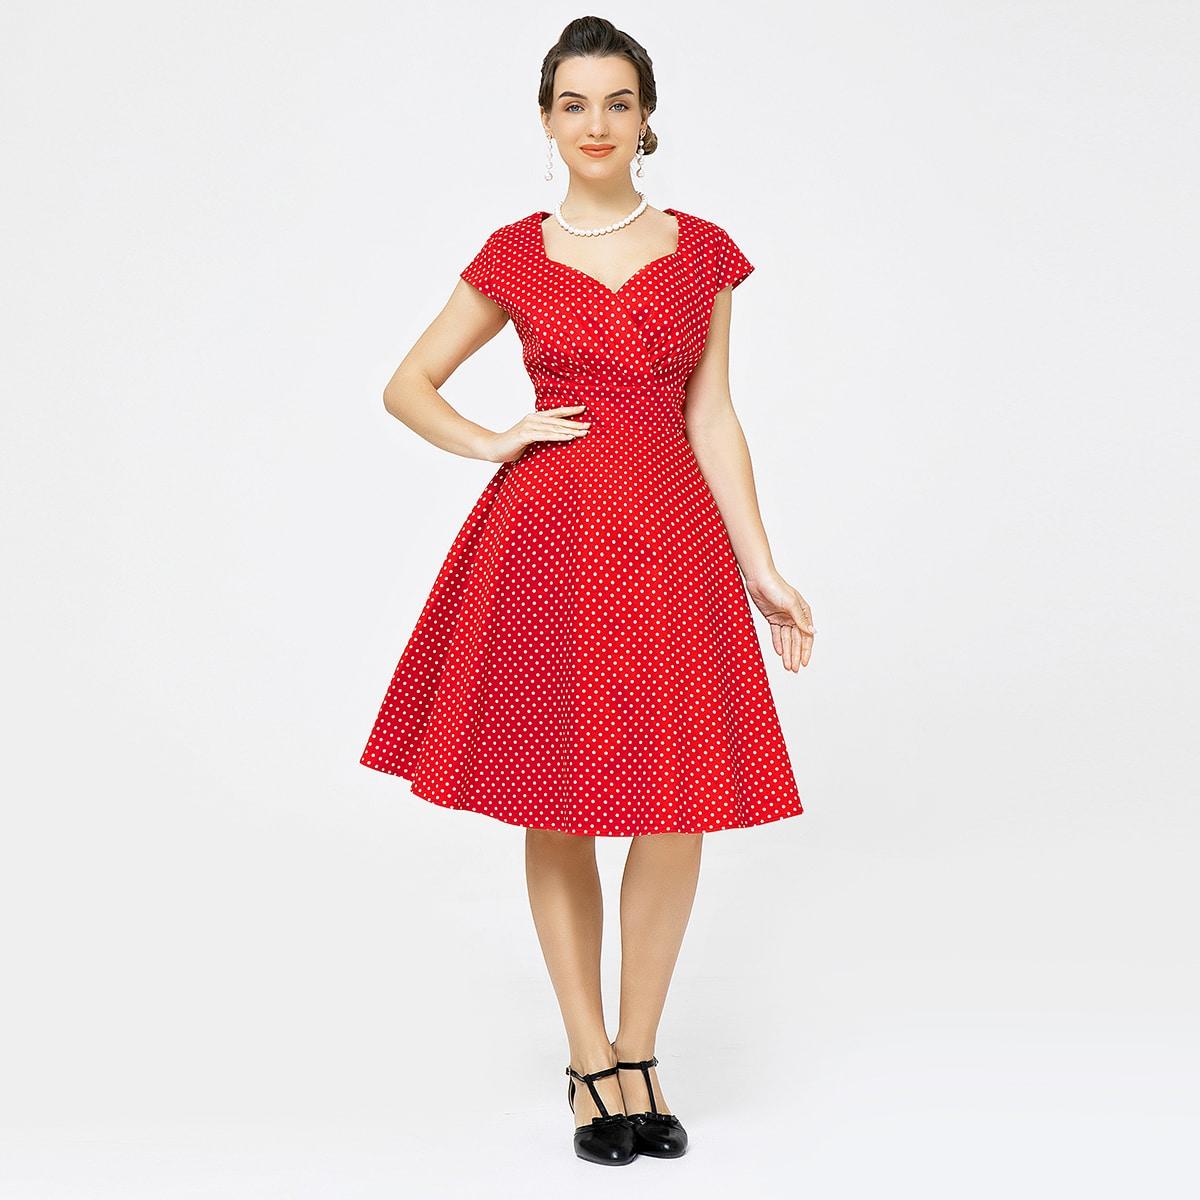 Платье в горошек с воротником-сердечком без нижней юбки